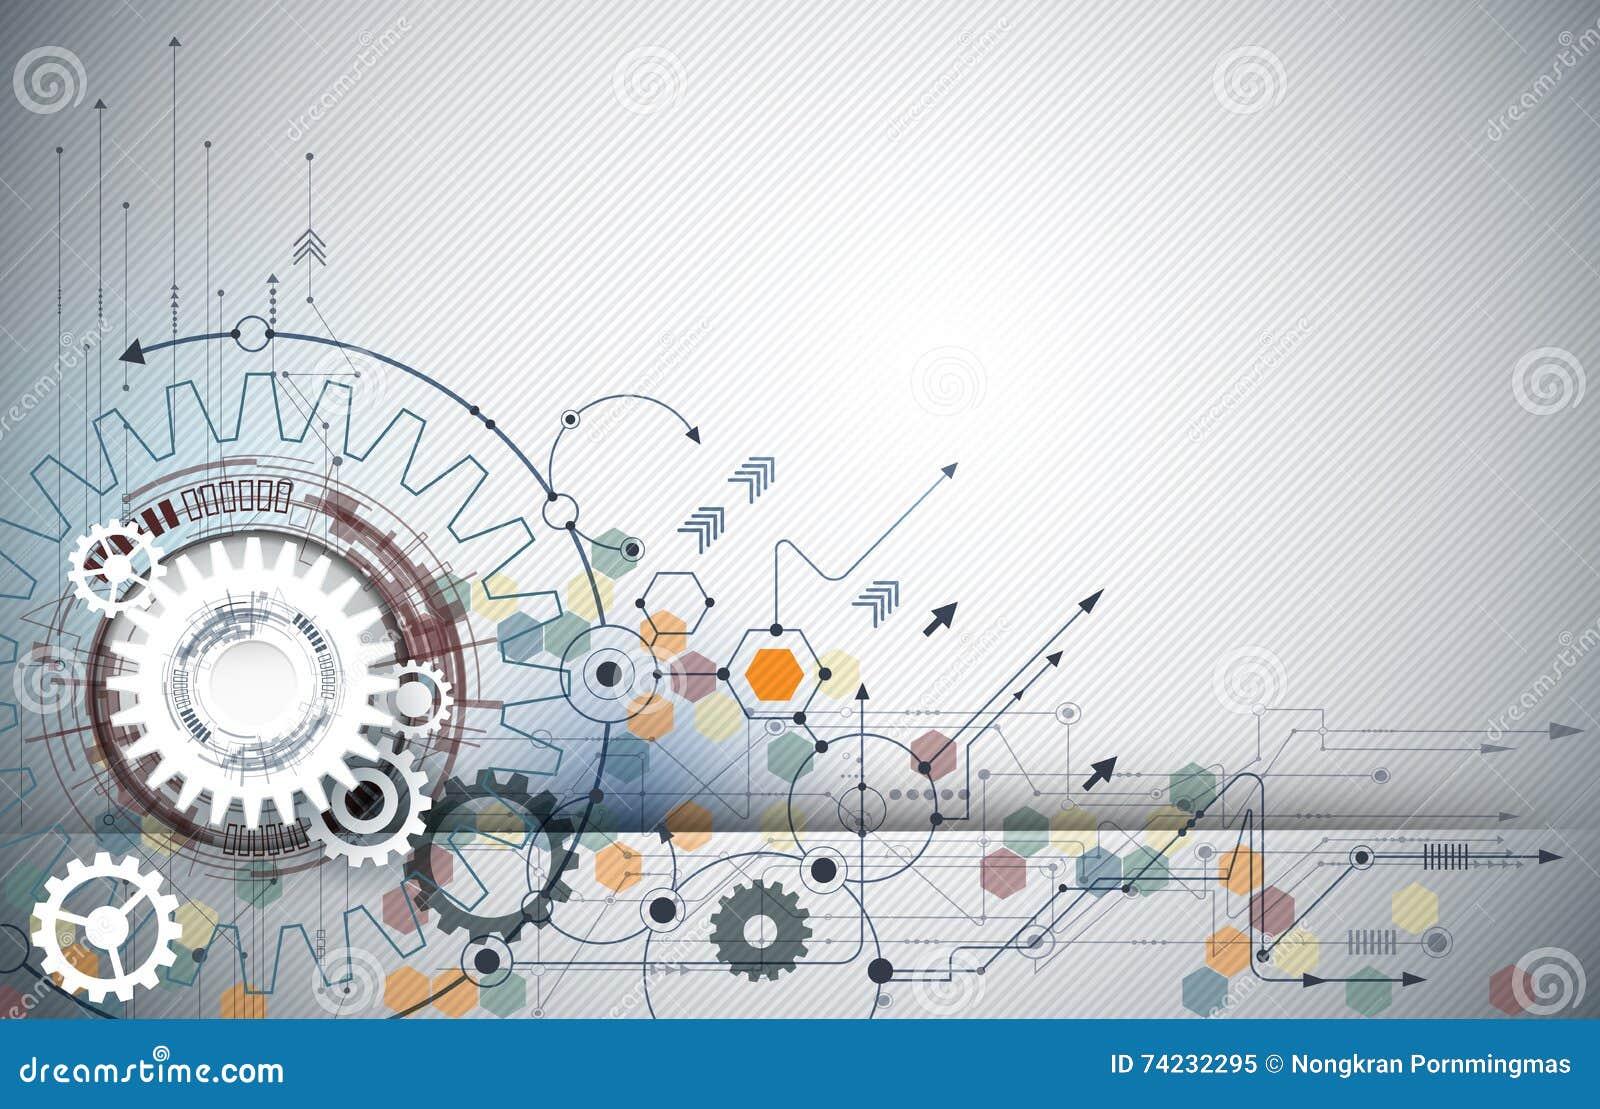 导航例证链轮、六角形和电路板、高科技数字技术和工程学